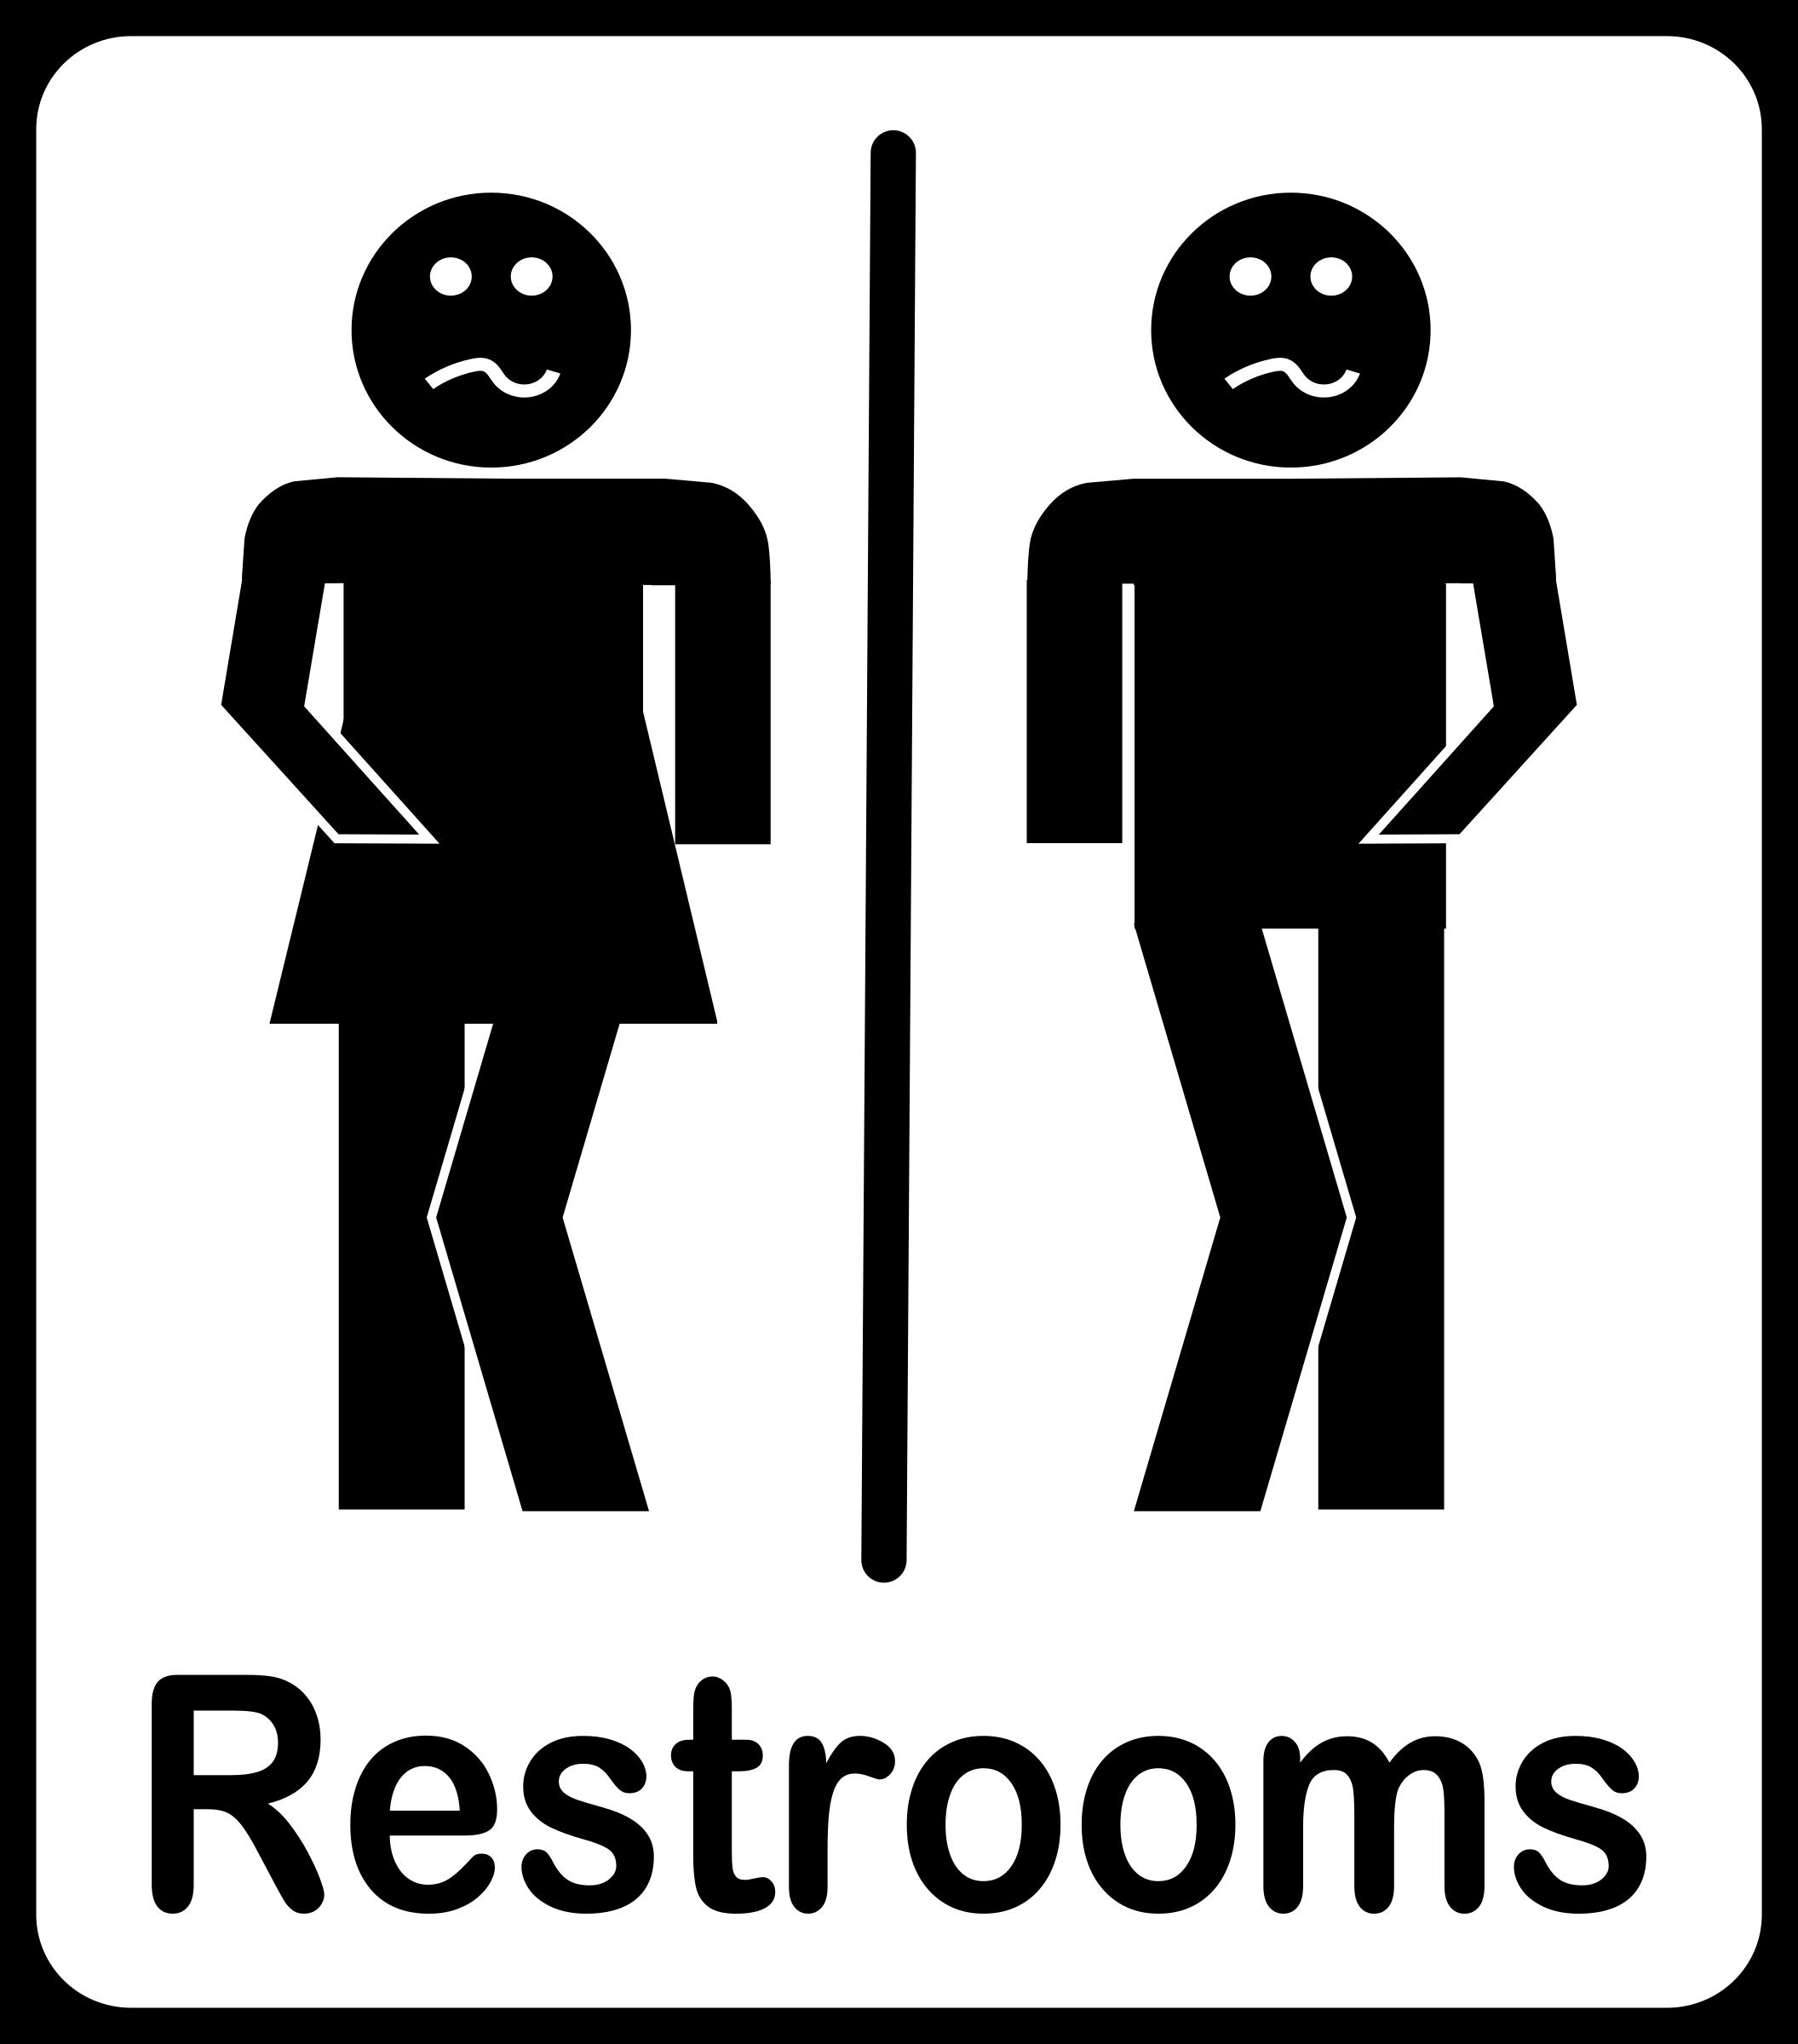 BIG IMAGE (PNG) - PNG Restroom